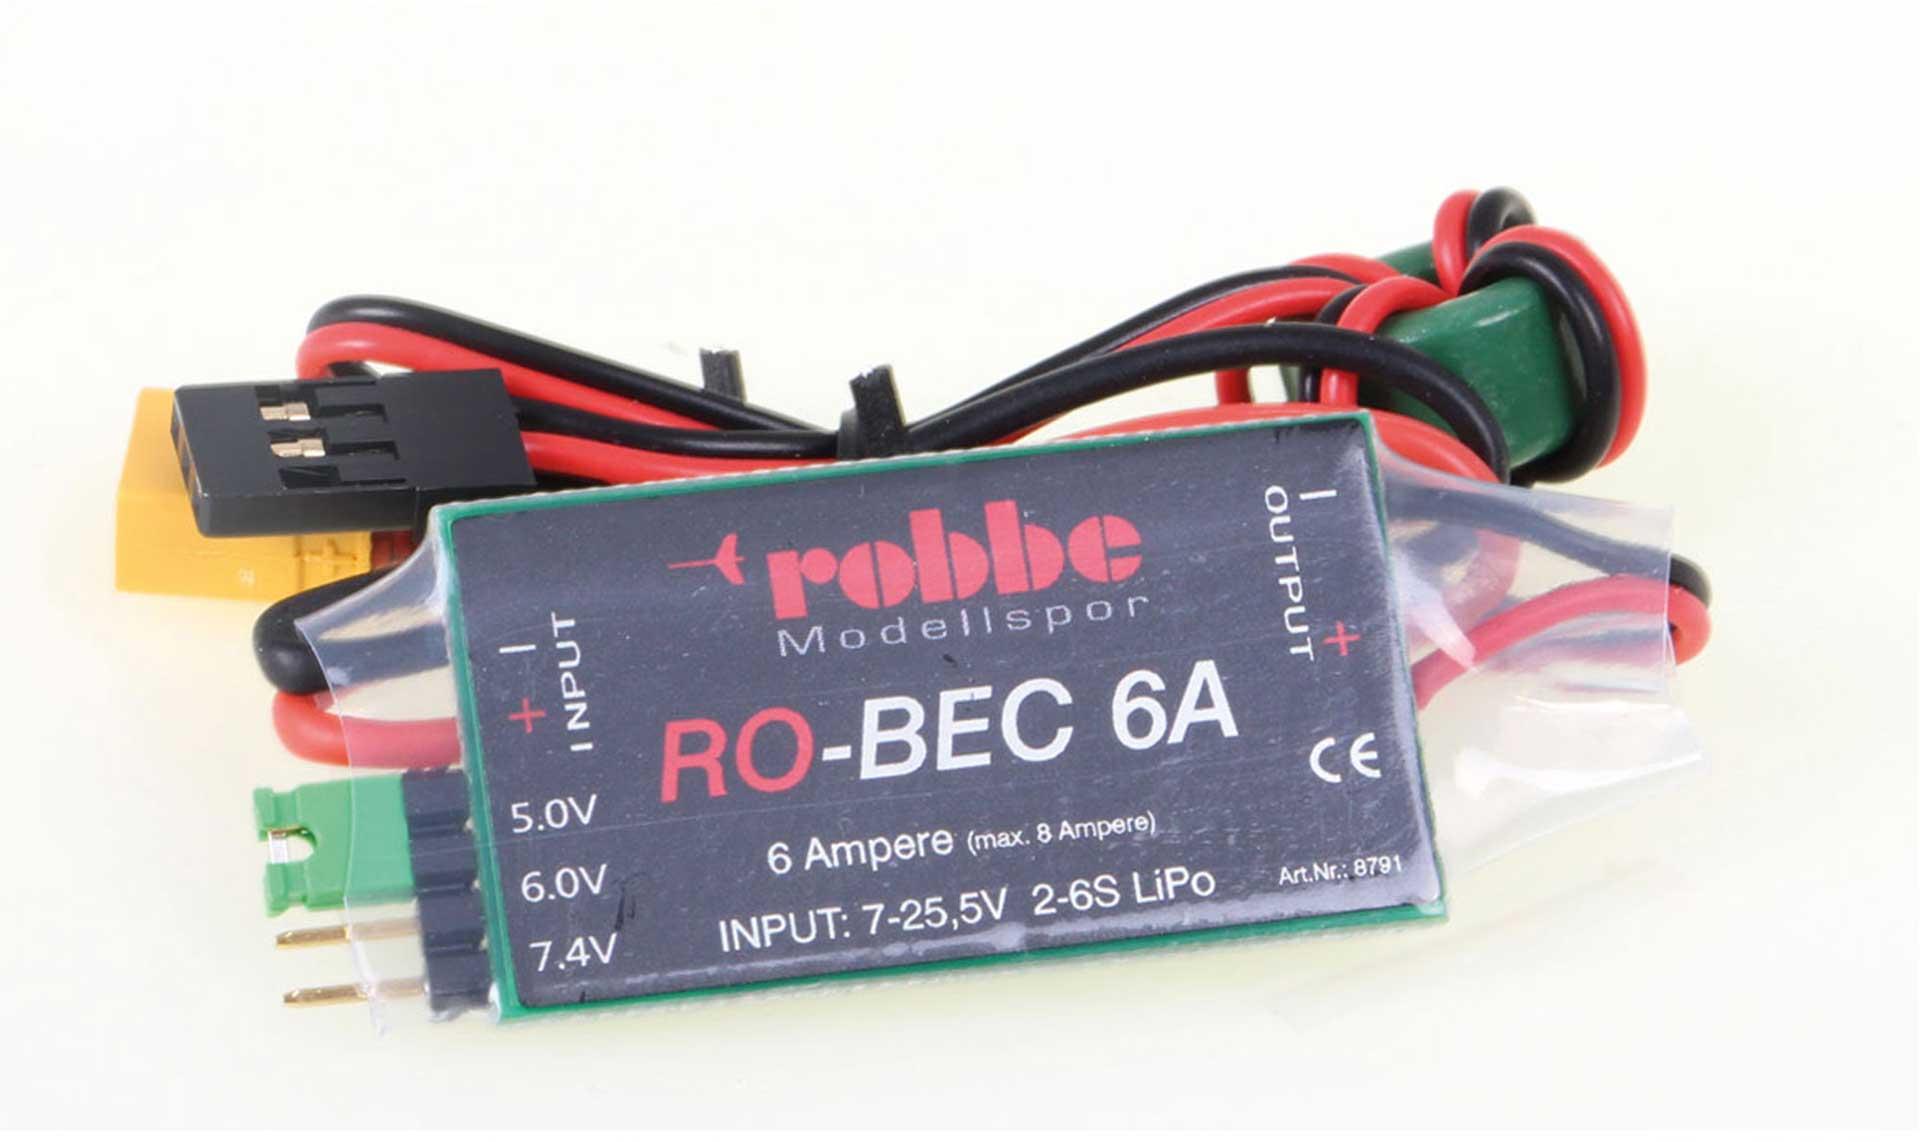 Robbe Modellsport RO-BEC 6A EMPFÄNGERSTROMVERSORGUNG